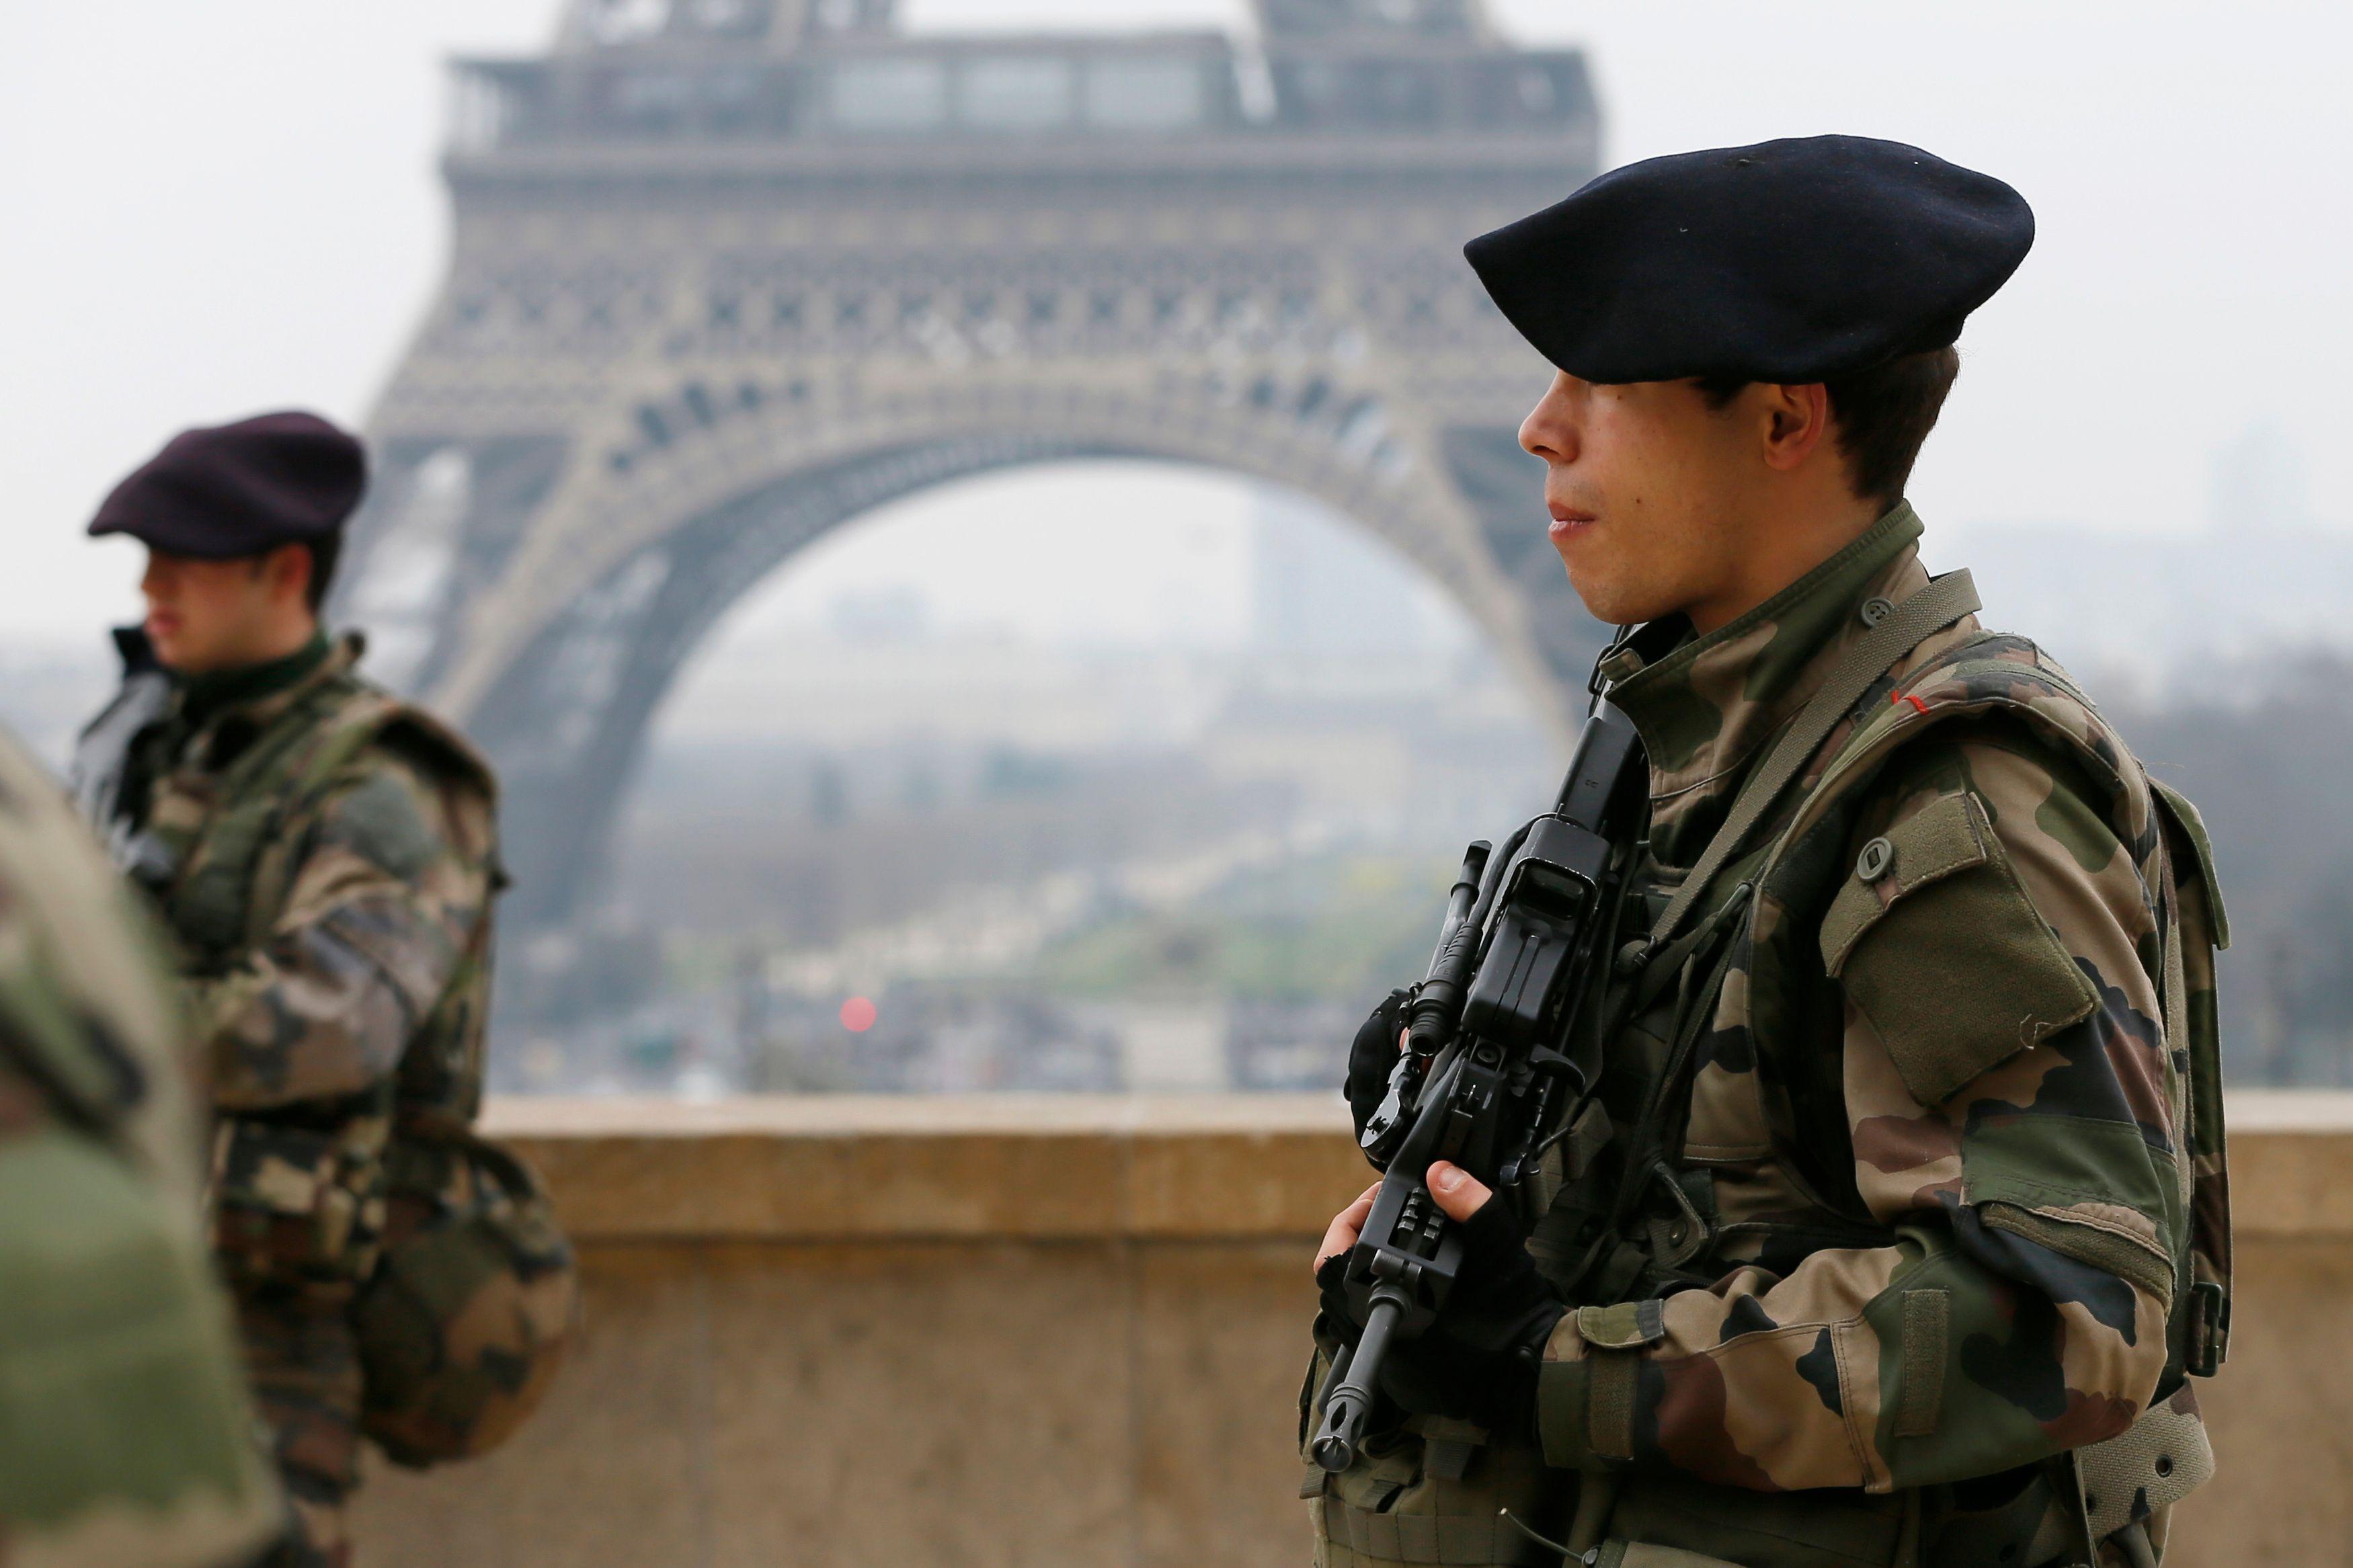 Le conseil de Défense se réunit pour statuer sur l'avenir du budget des armées ce mercredi 29 avril.